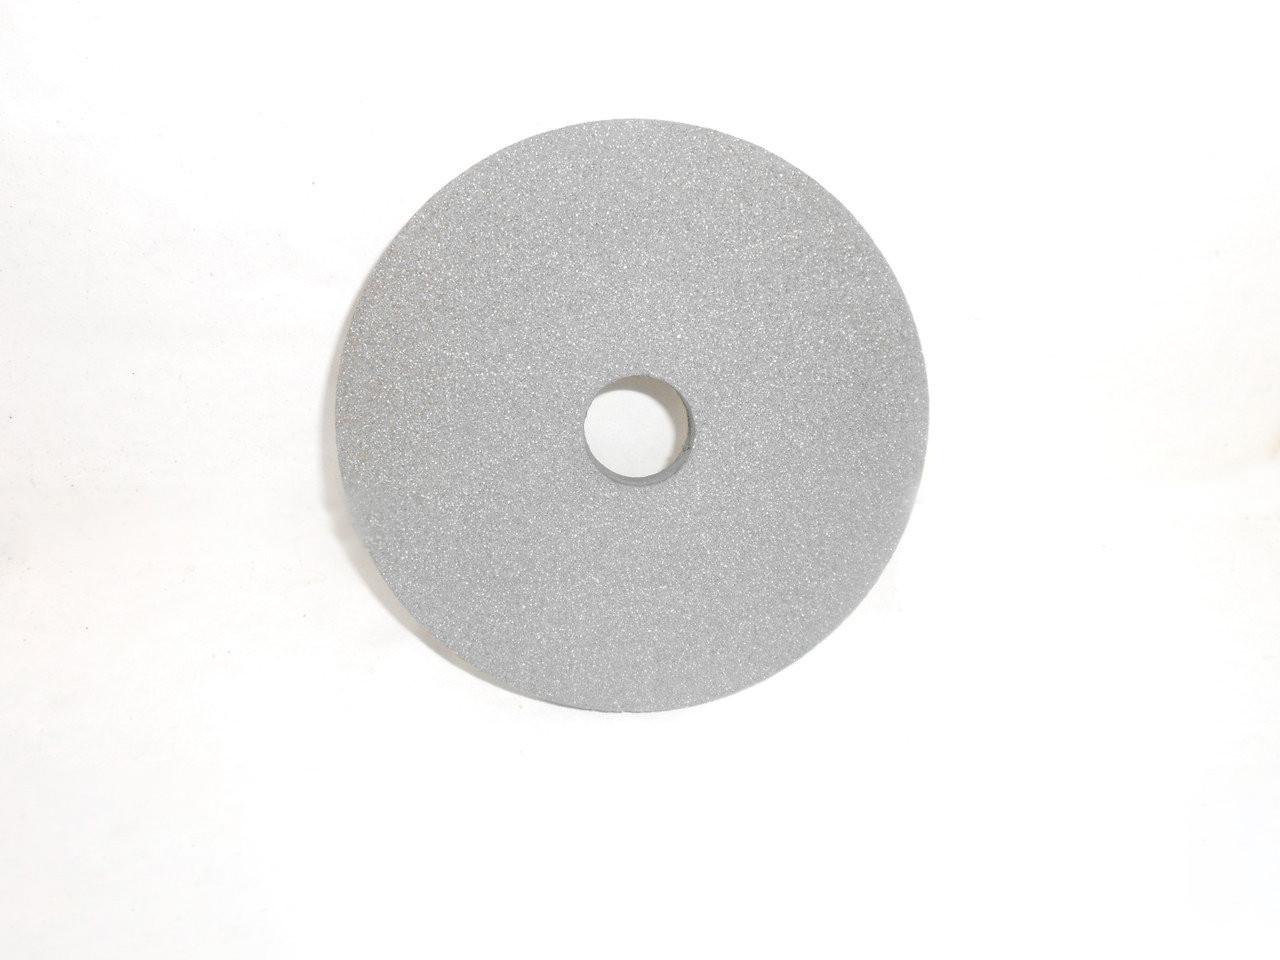 Круг шлифовальный 14А ПП 500х200х305  25 СТ1